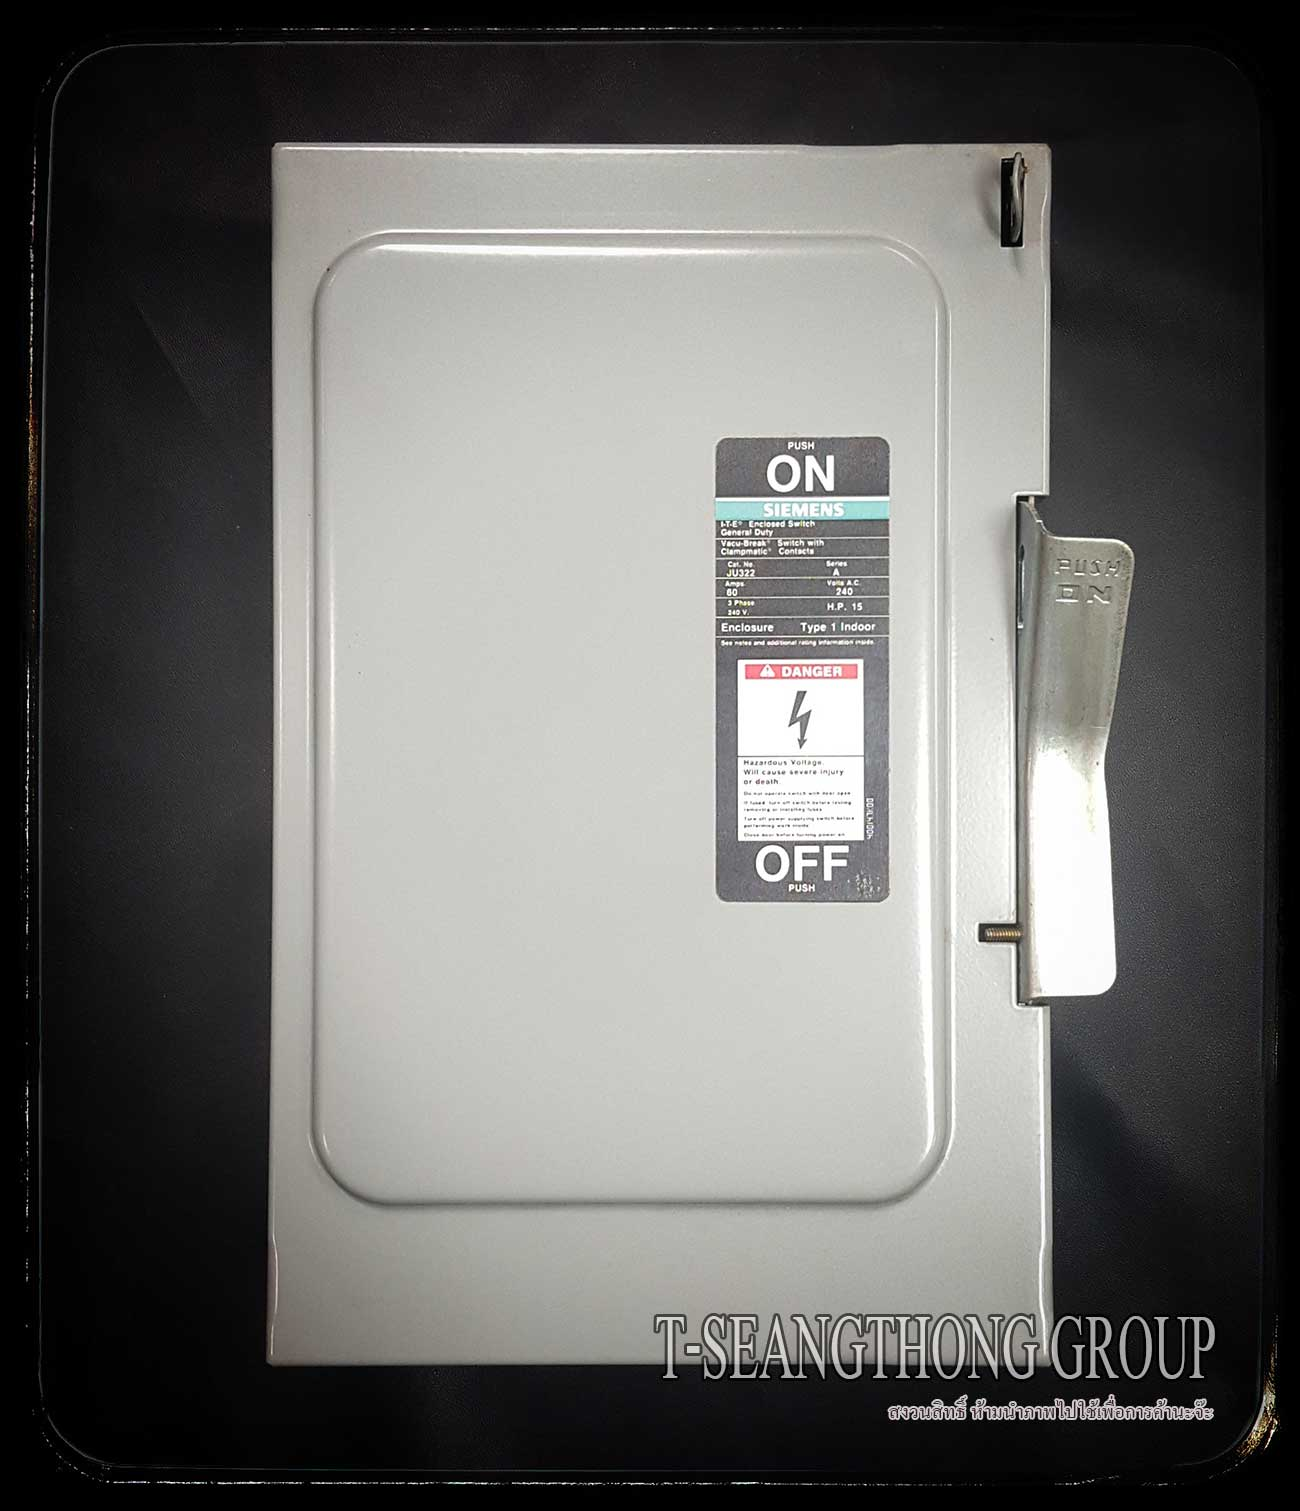 เซฟตี้สวิทช์ Safety Switch Siemens JU321 2สาย 30 แอมป์ ไม่มีฟิวส์ รุ่นติดตั้งภายใน